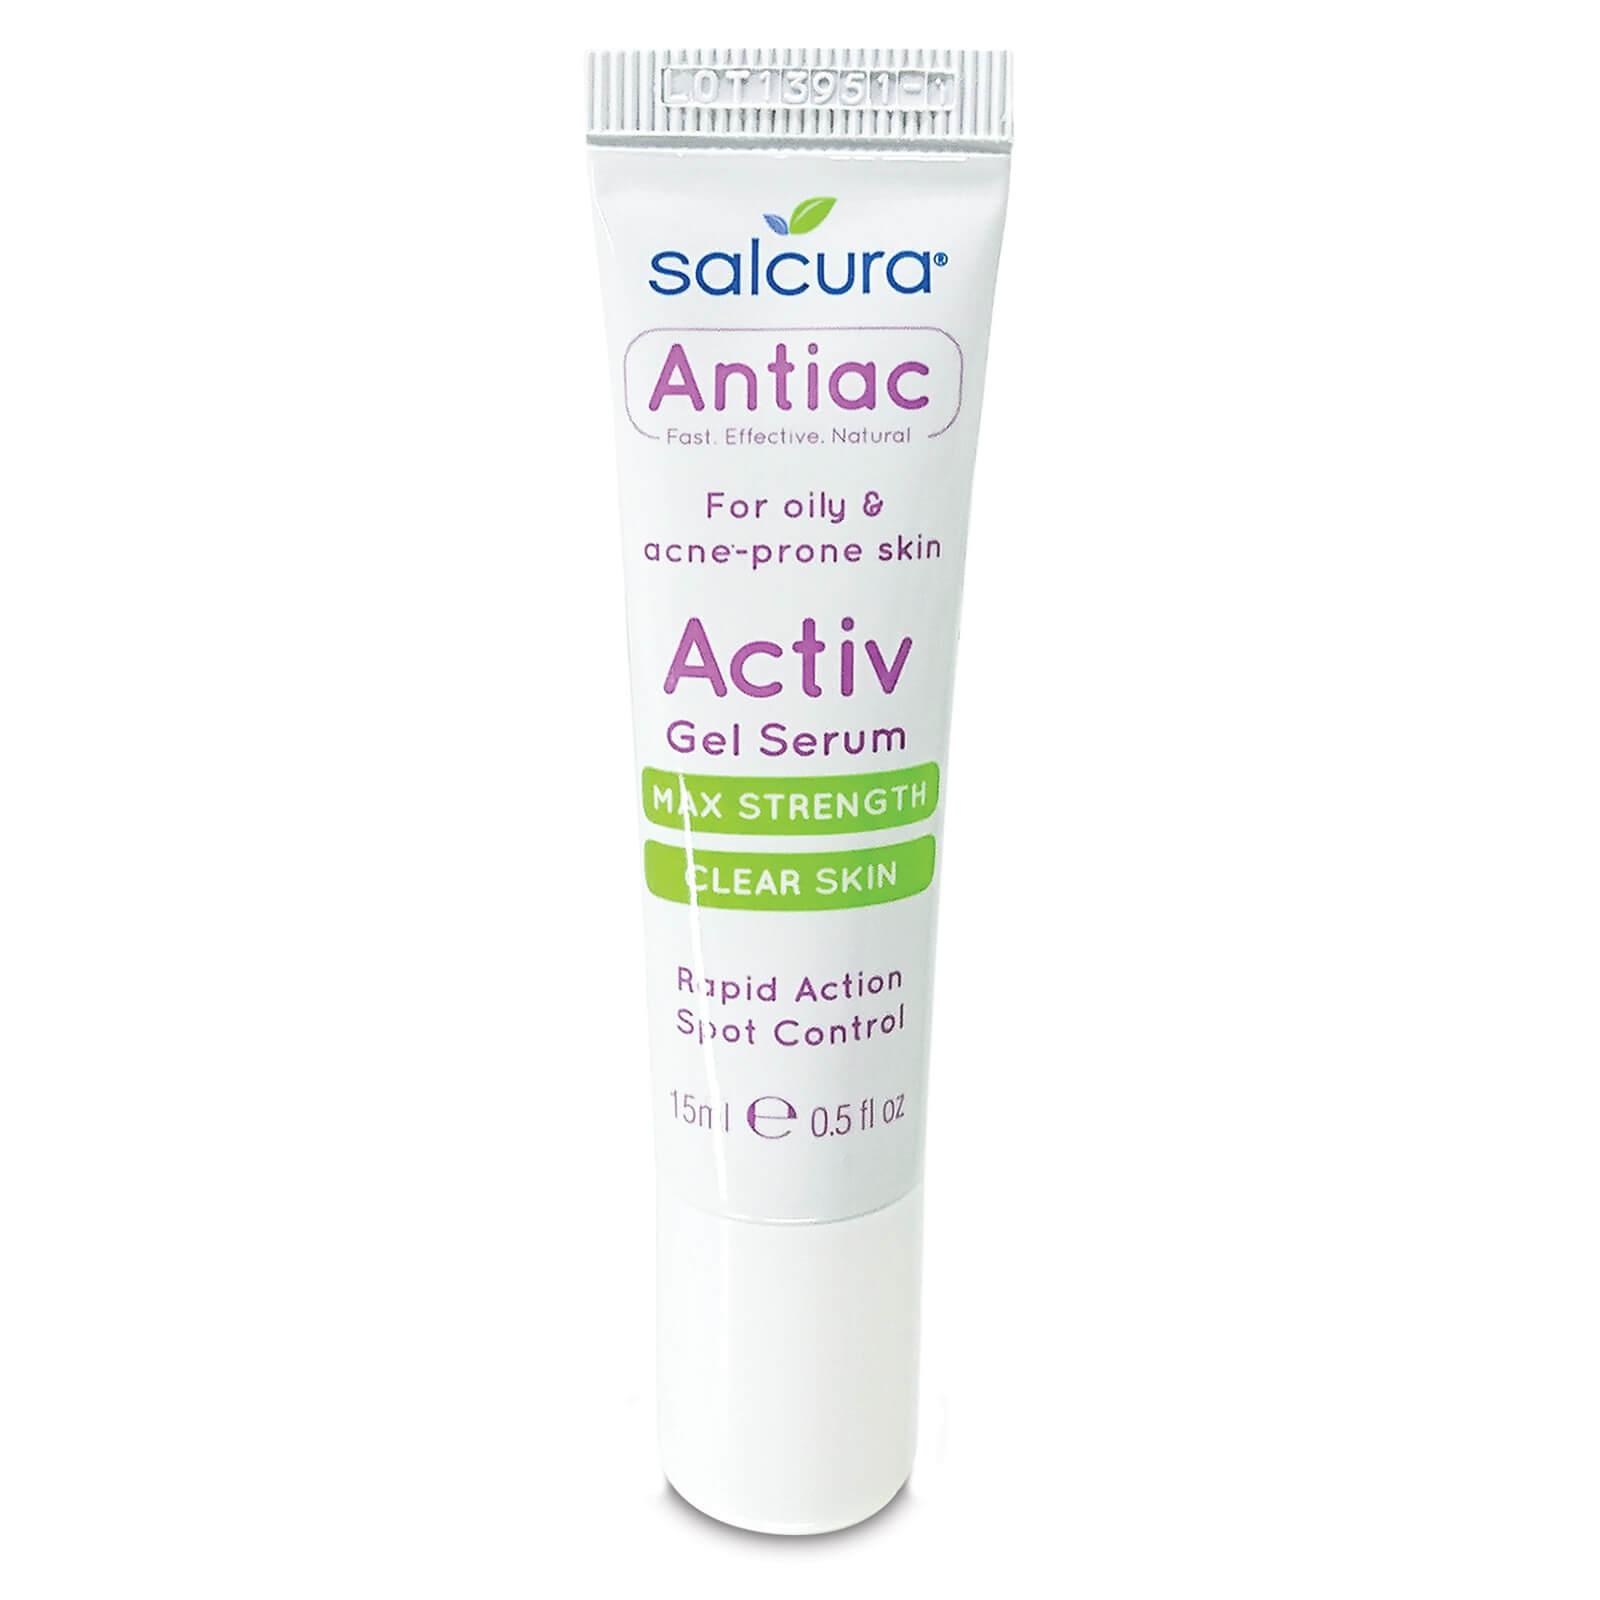 Купить Активная сыворотка против акне Salcura Antiac Activ Gel Serum (15 мл)